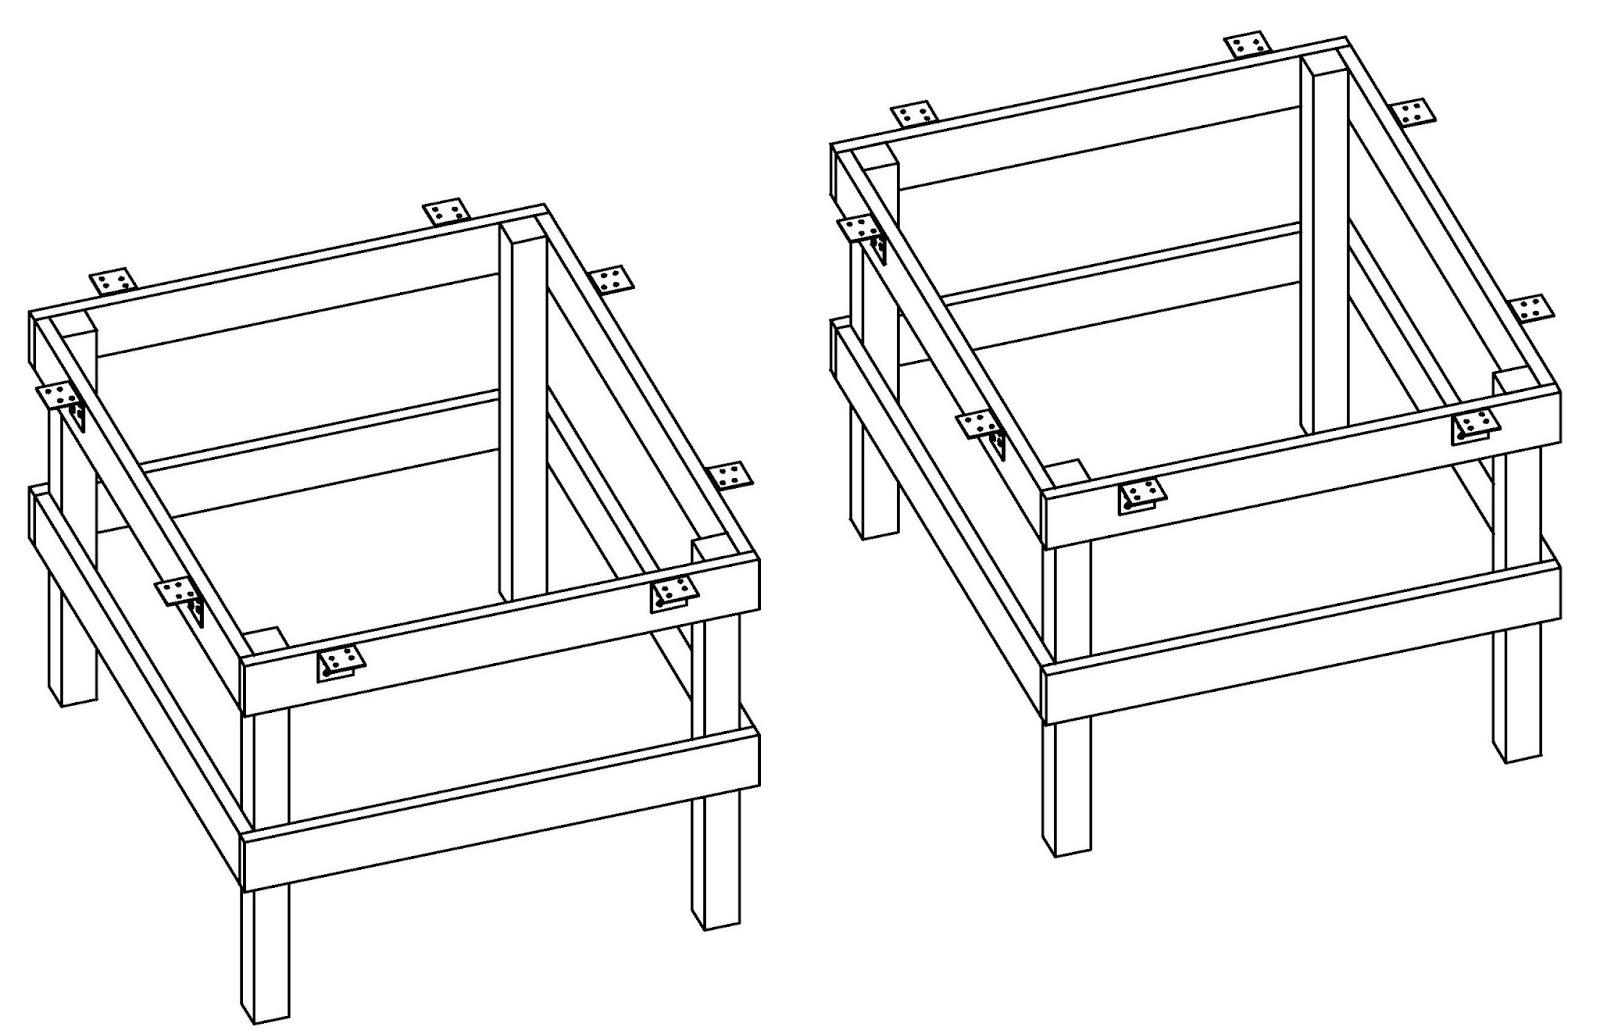 Costruire facile come costruire un tavolo da ping pong - Costruire tavolo in legno ...